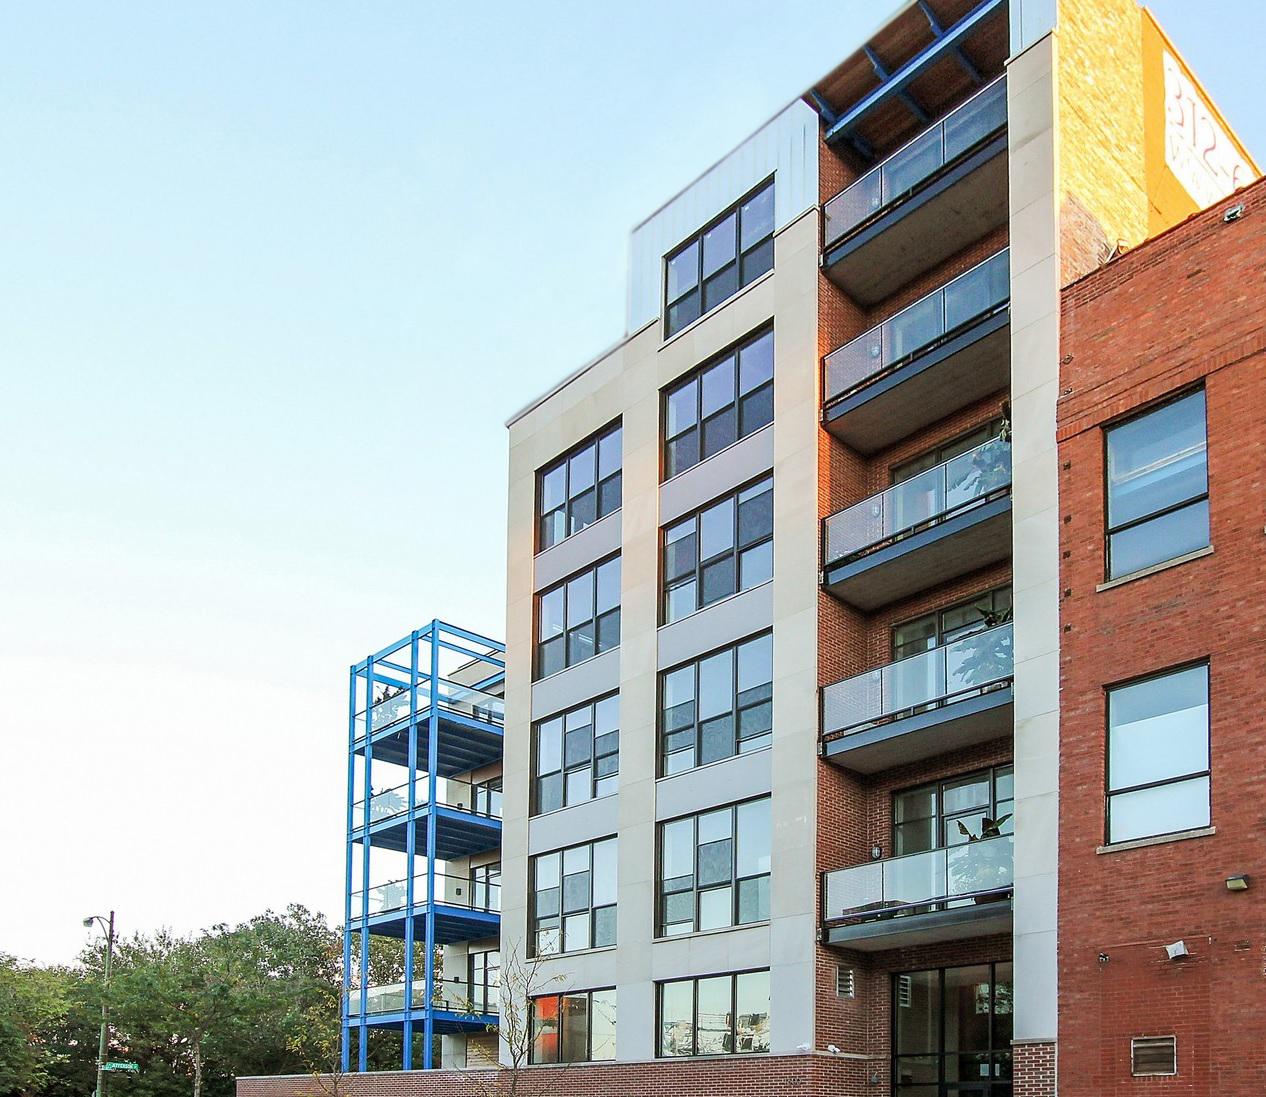 단독 가정 주택 용 매매 에 Base 16 Lofts 1600 S Jefferson Street Unit 504 Pilsen (Lower West Side), Chicago, 일리노이즈 60616 미국